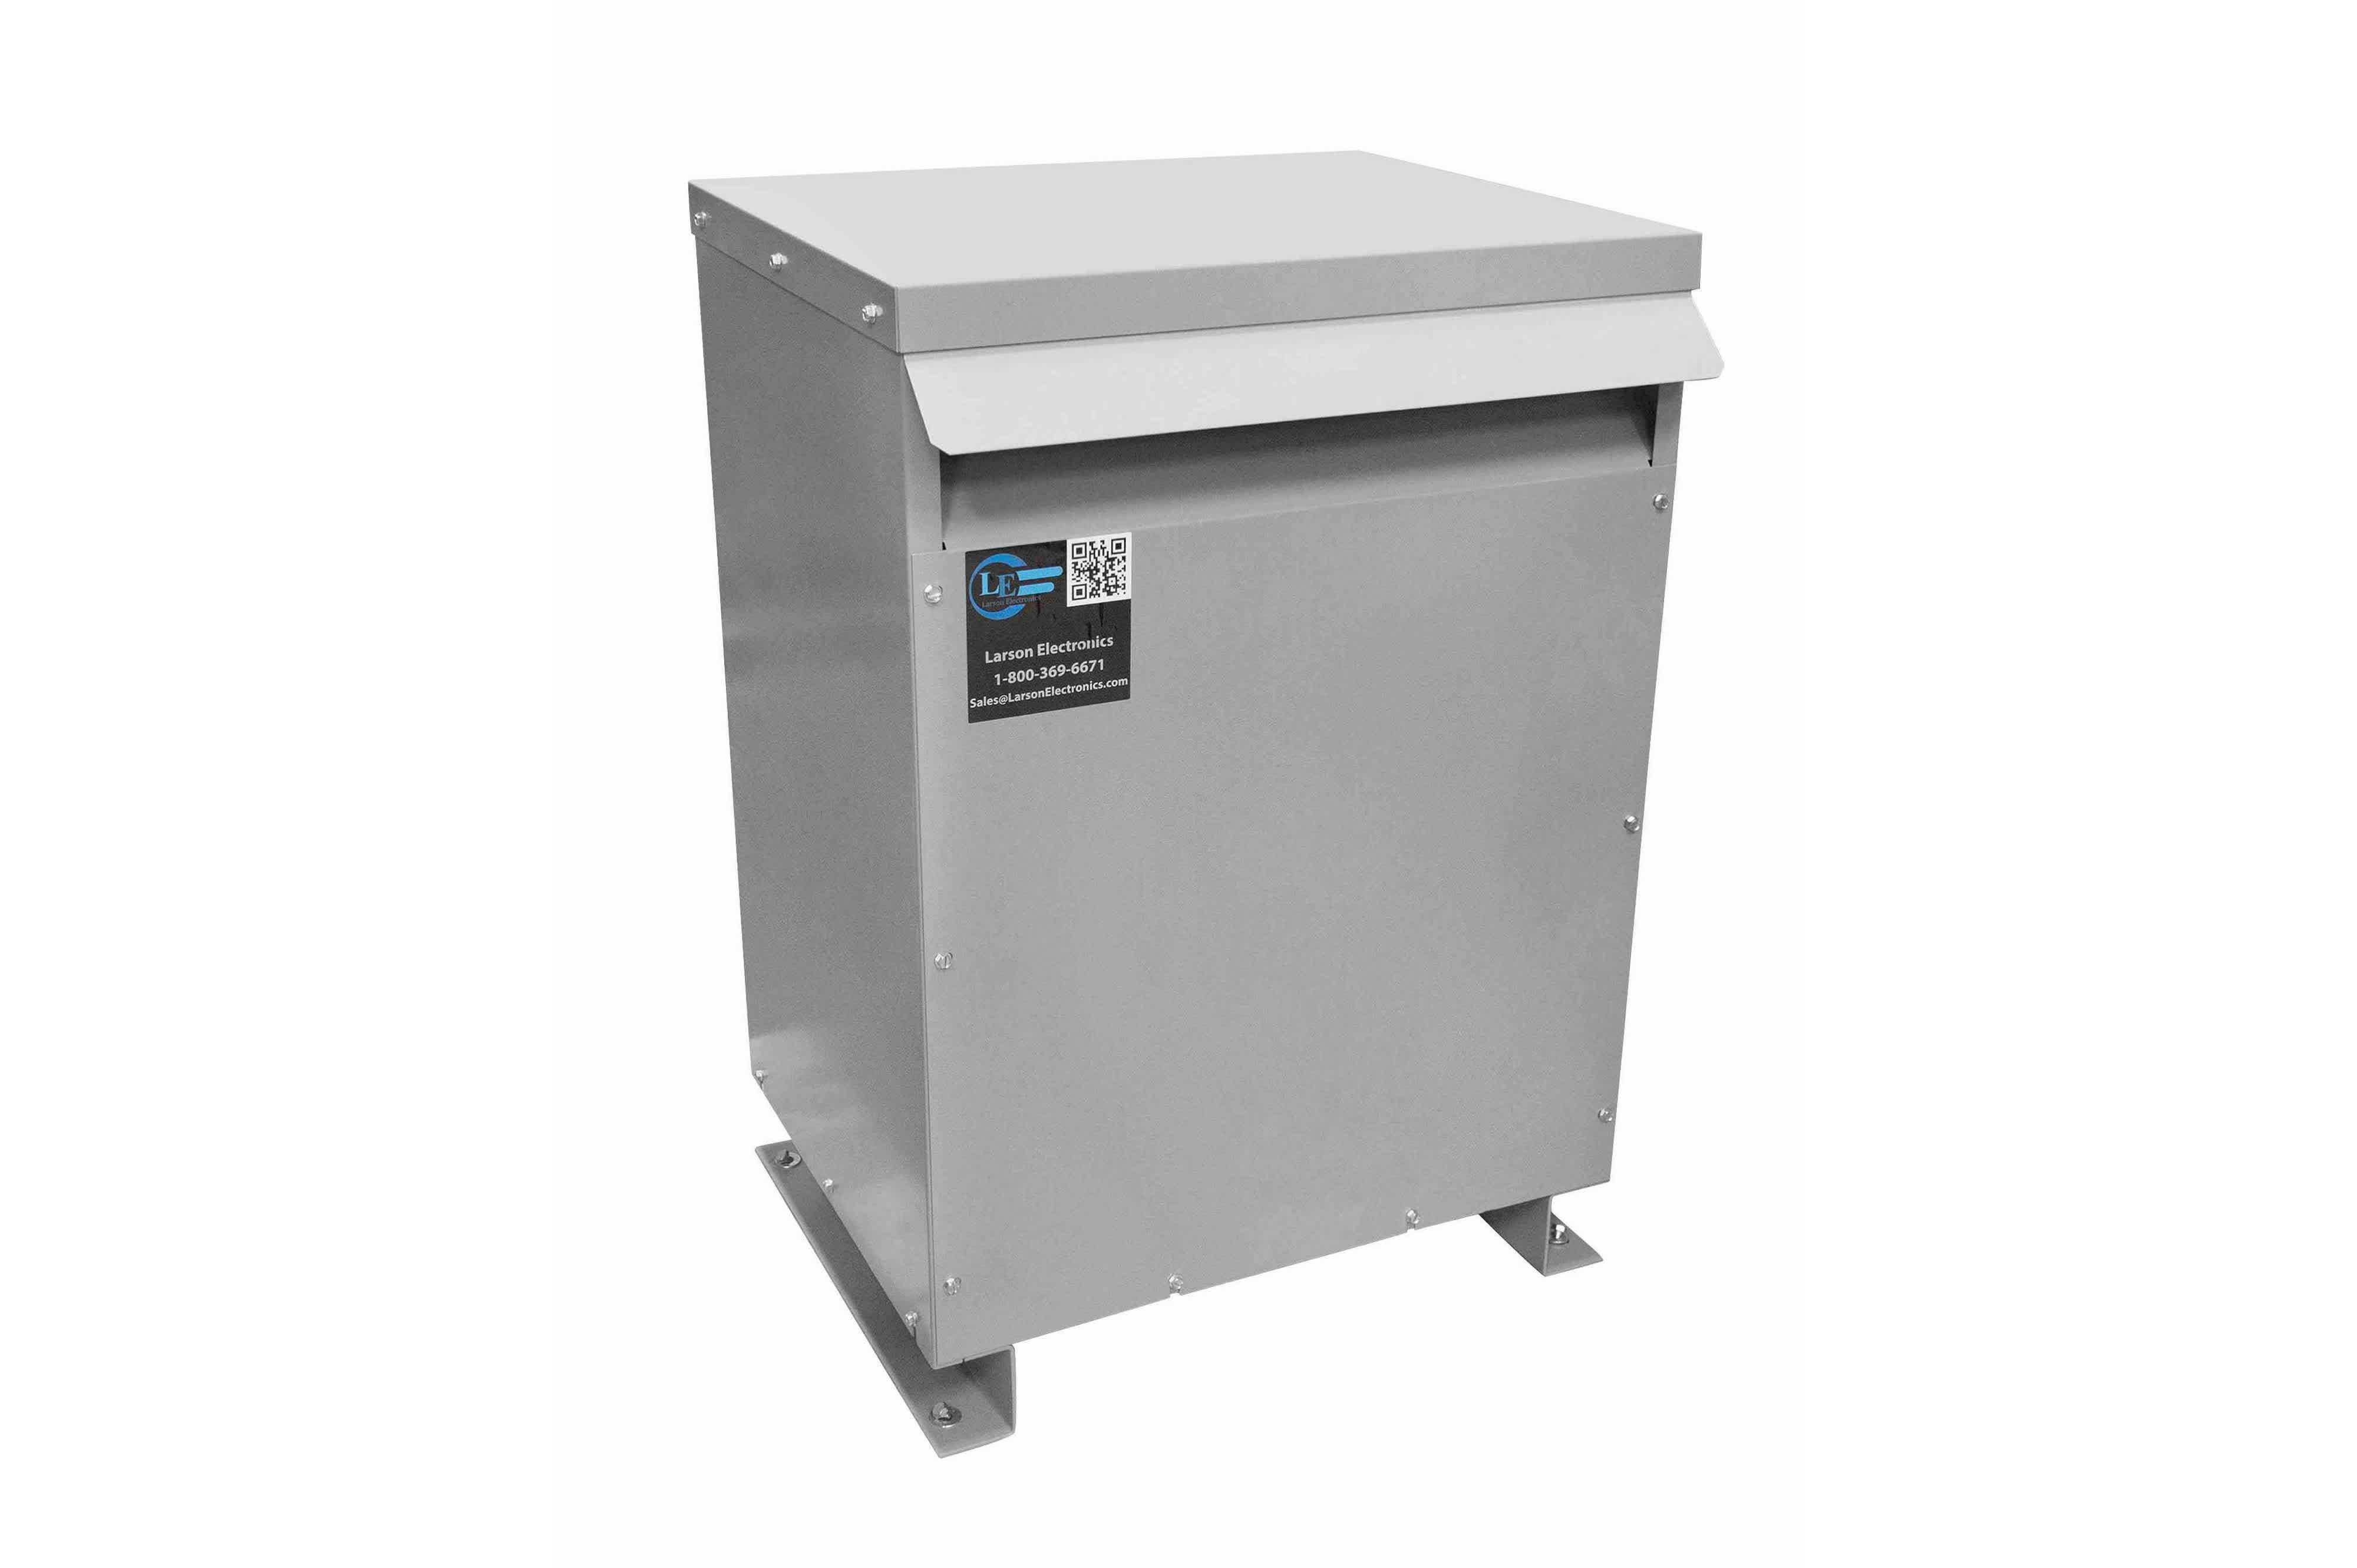 115 kVA 3PH Isolation Transformer, 440V Delta Primary, 208V Delta Secondary, N3R, Ventilated, 60 Hz